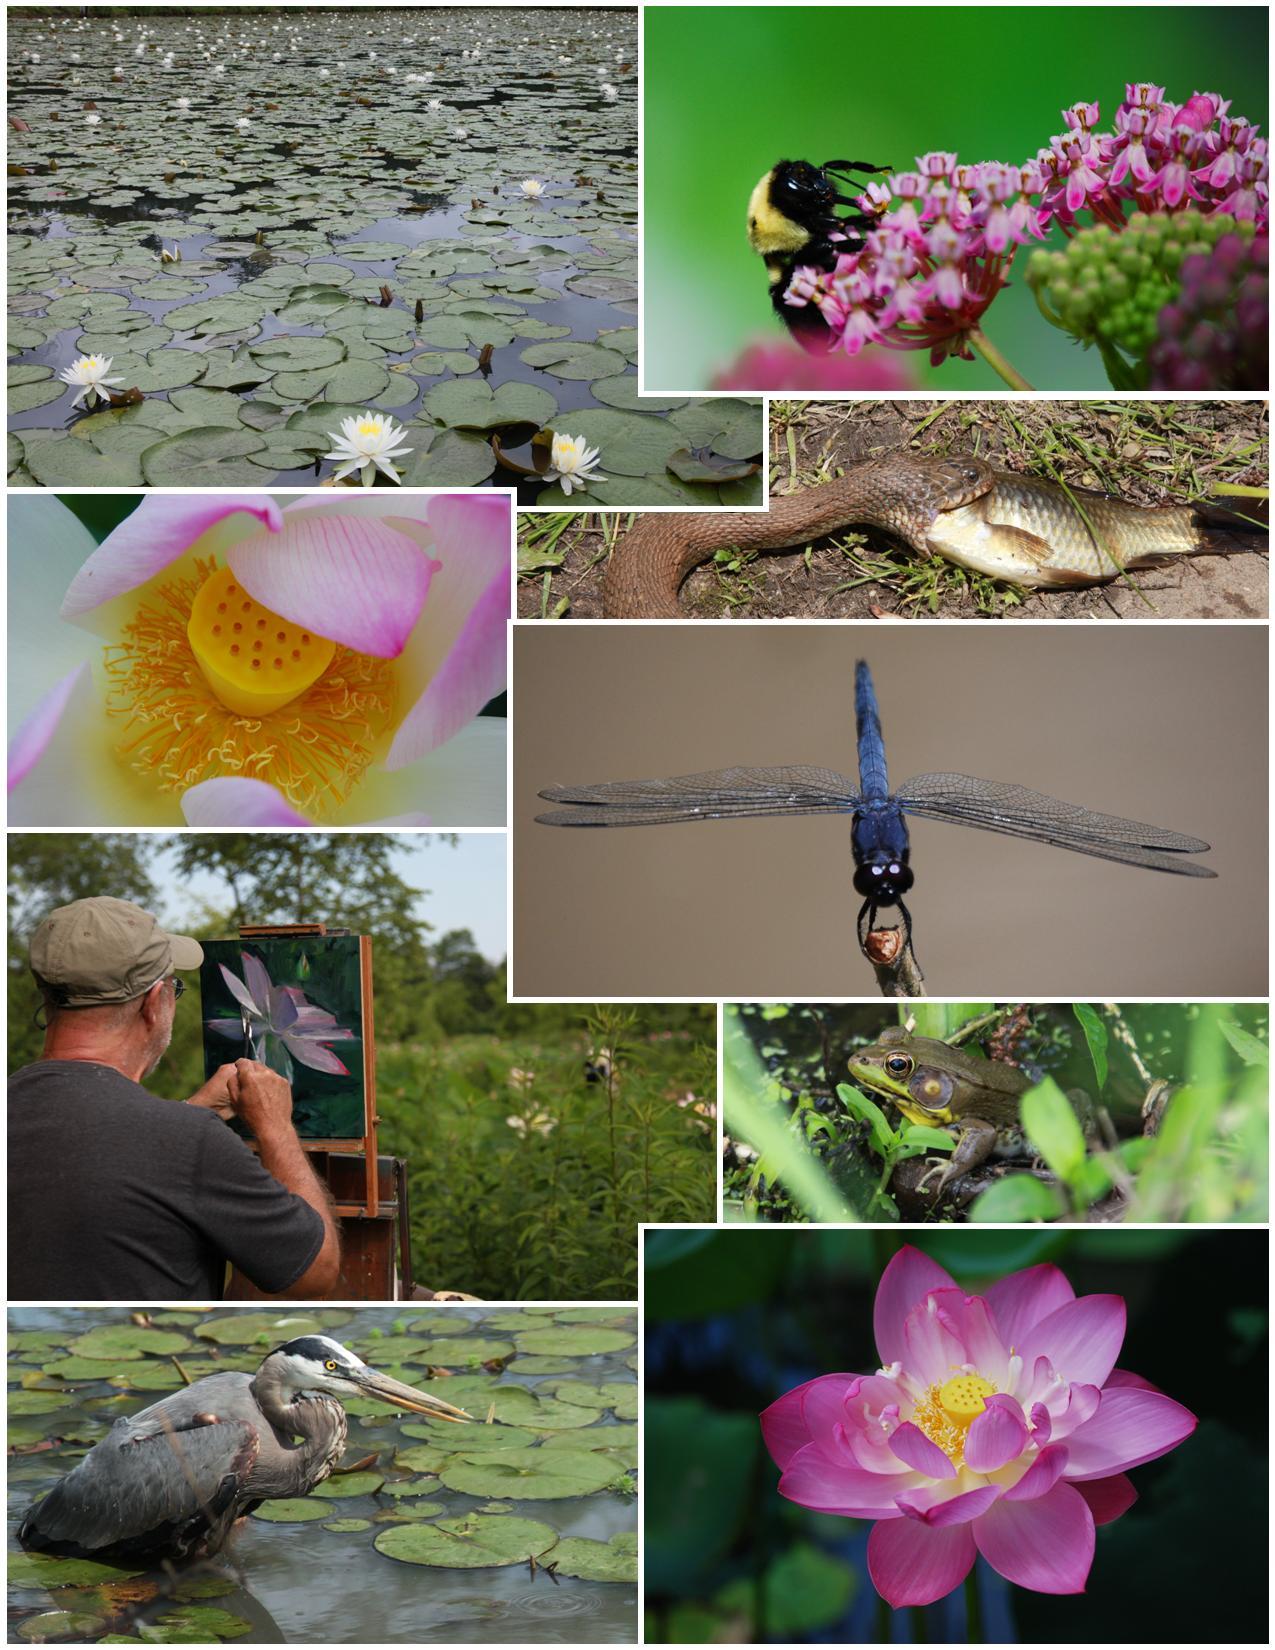 s Multimedia Kenilworth Park Aquatic Gardens US